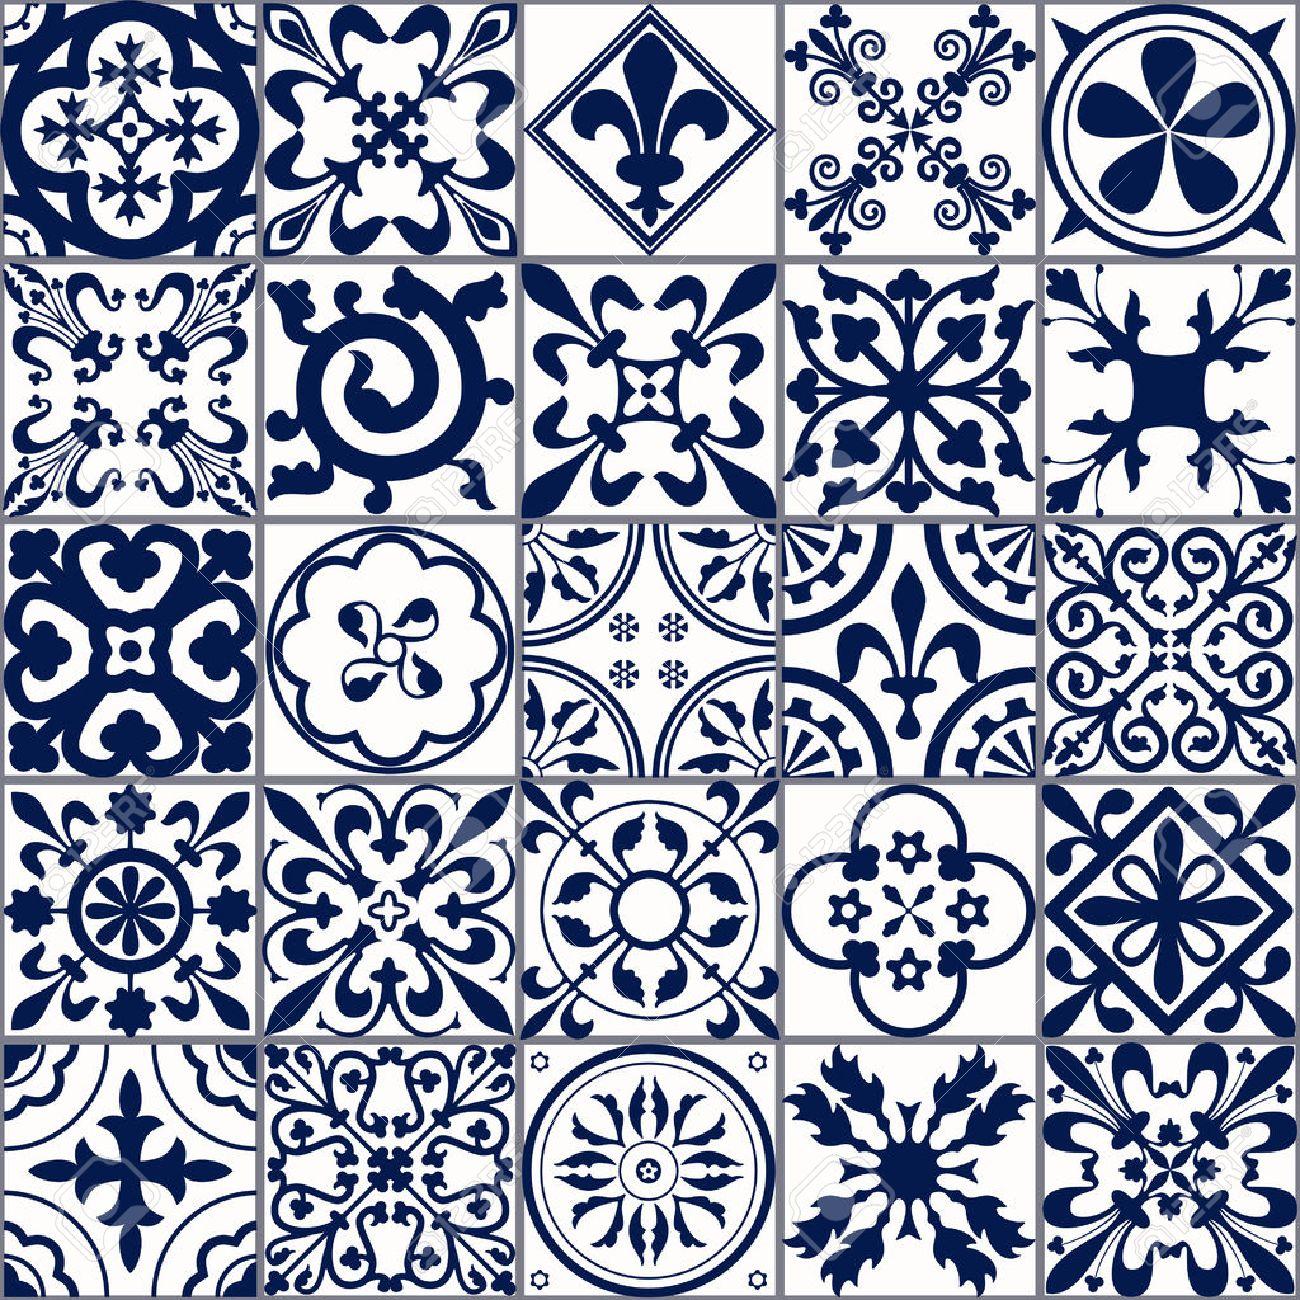 ベクトル図のモロッコ タイルのデザイン 背景 バナーのシームレスなパターン 壁紙 セラミック 繊維のスペインの要素です 中世飾りテクスチャ テンプレート 白と青のイラスト素材 ベクタ Image 5440